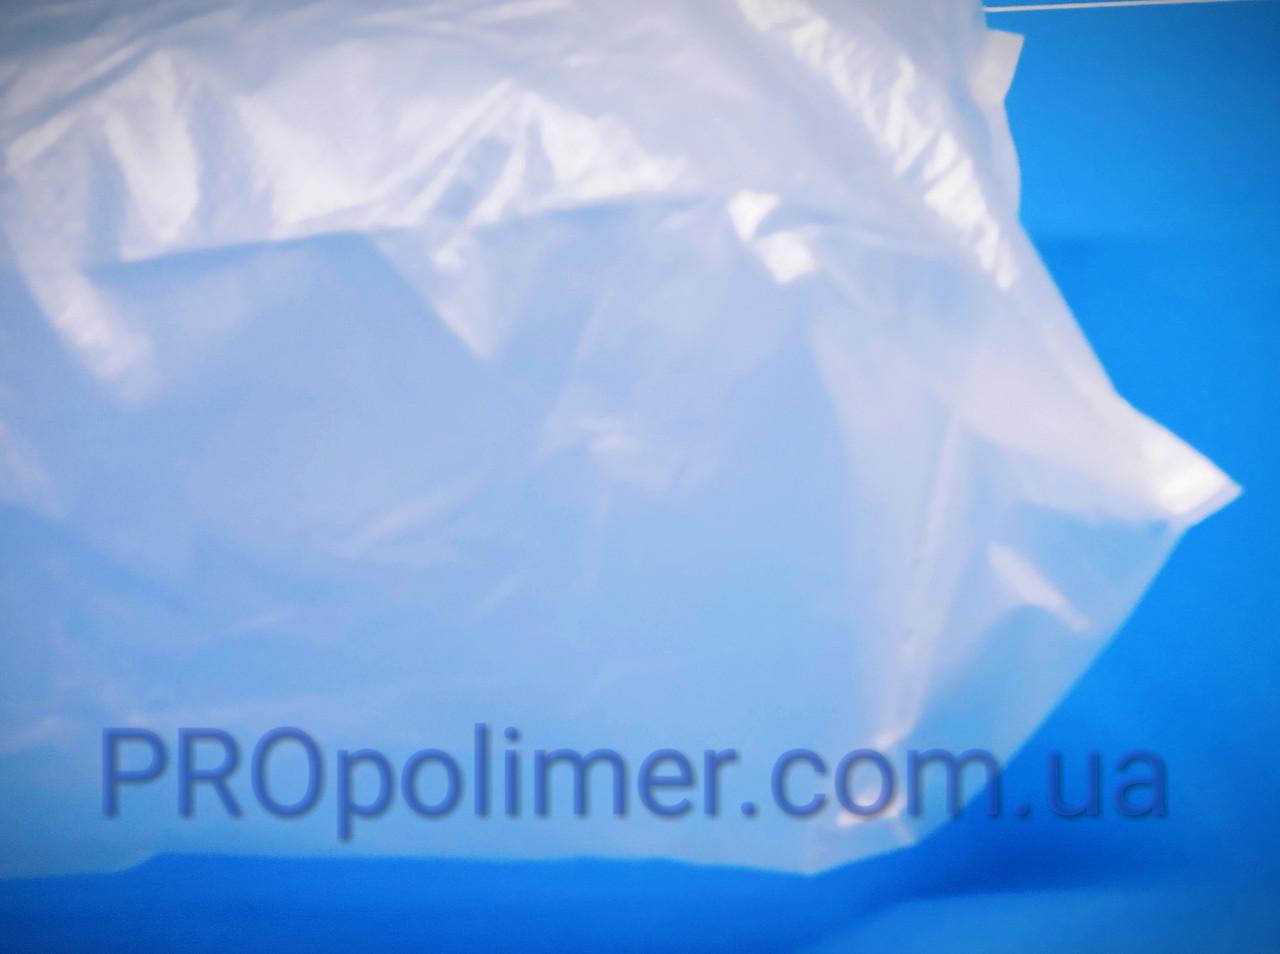 Пакеты полиэтиленовые ПНД 24х55см, с фальцем 2х6см, плотностью 30мкм, средних размеров фасовочный пакет